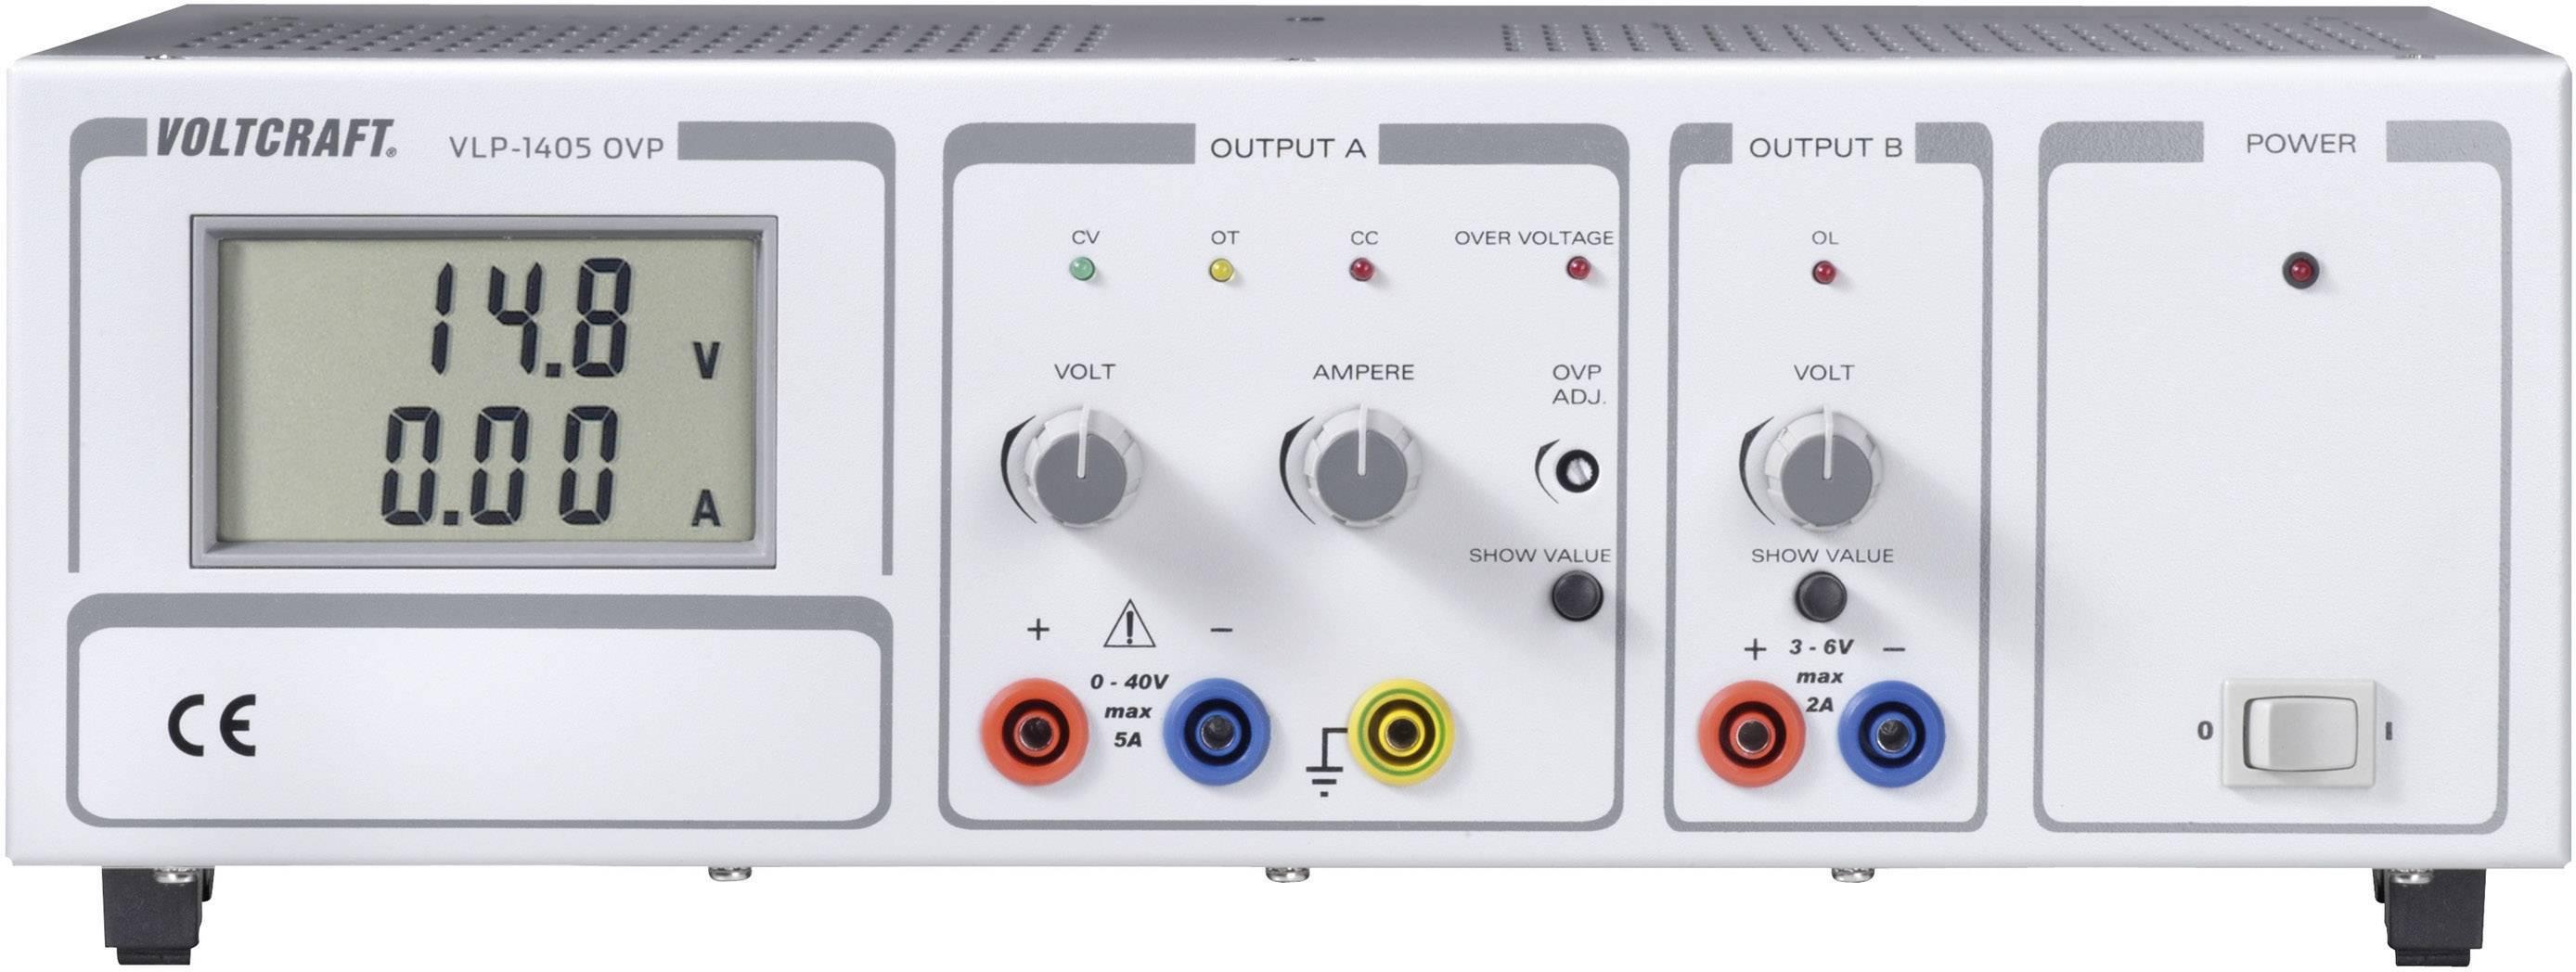 Lineárny laboratórny sieťový zdroj Voltcraft VLP 1405 OVP, 0 - 40 V, 0 - 5 A